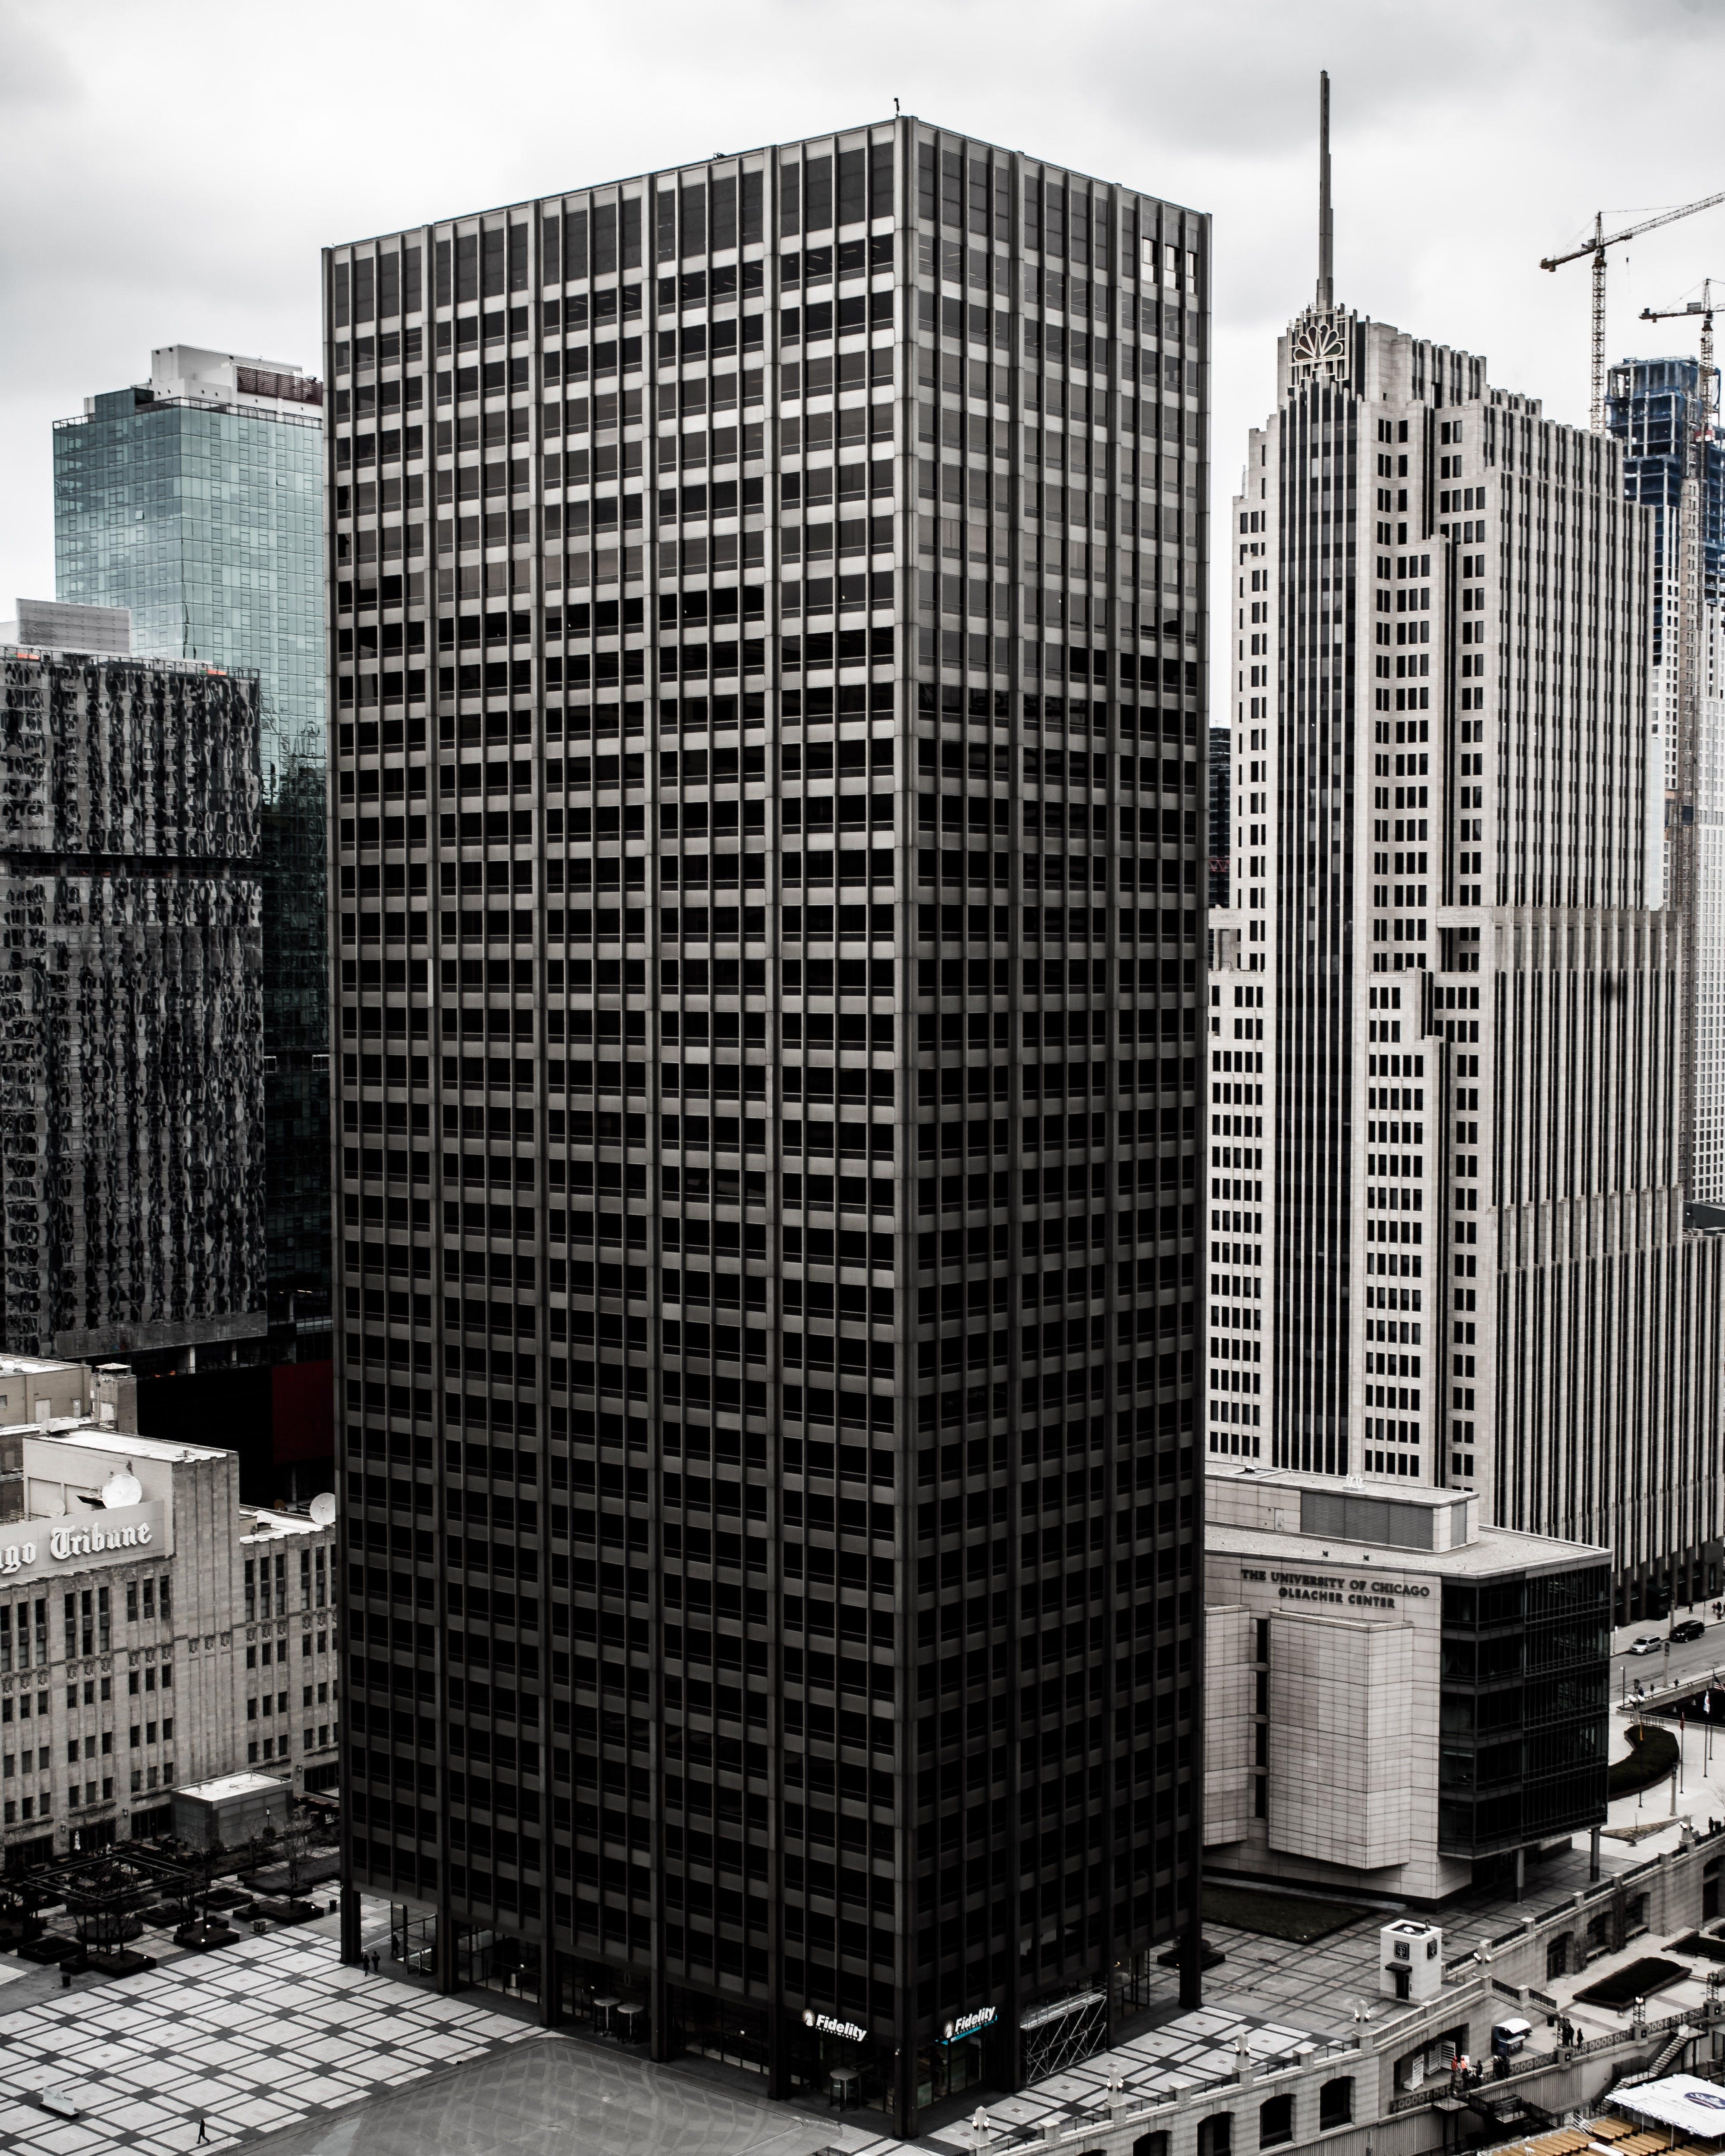 가장 높은, 건물, 건물 외관, 건축의 무료 스톡 사진